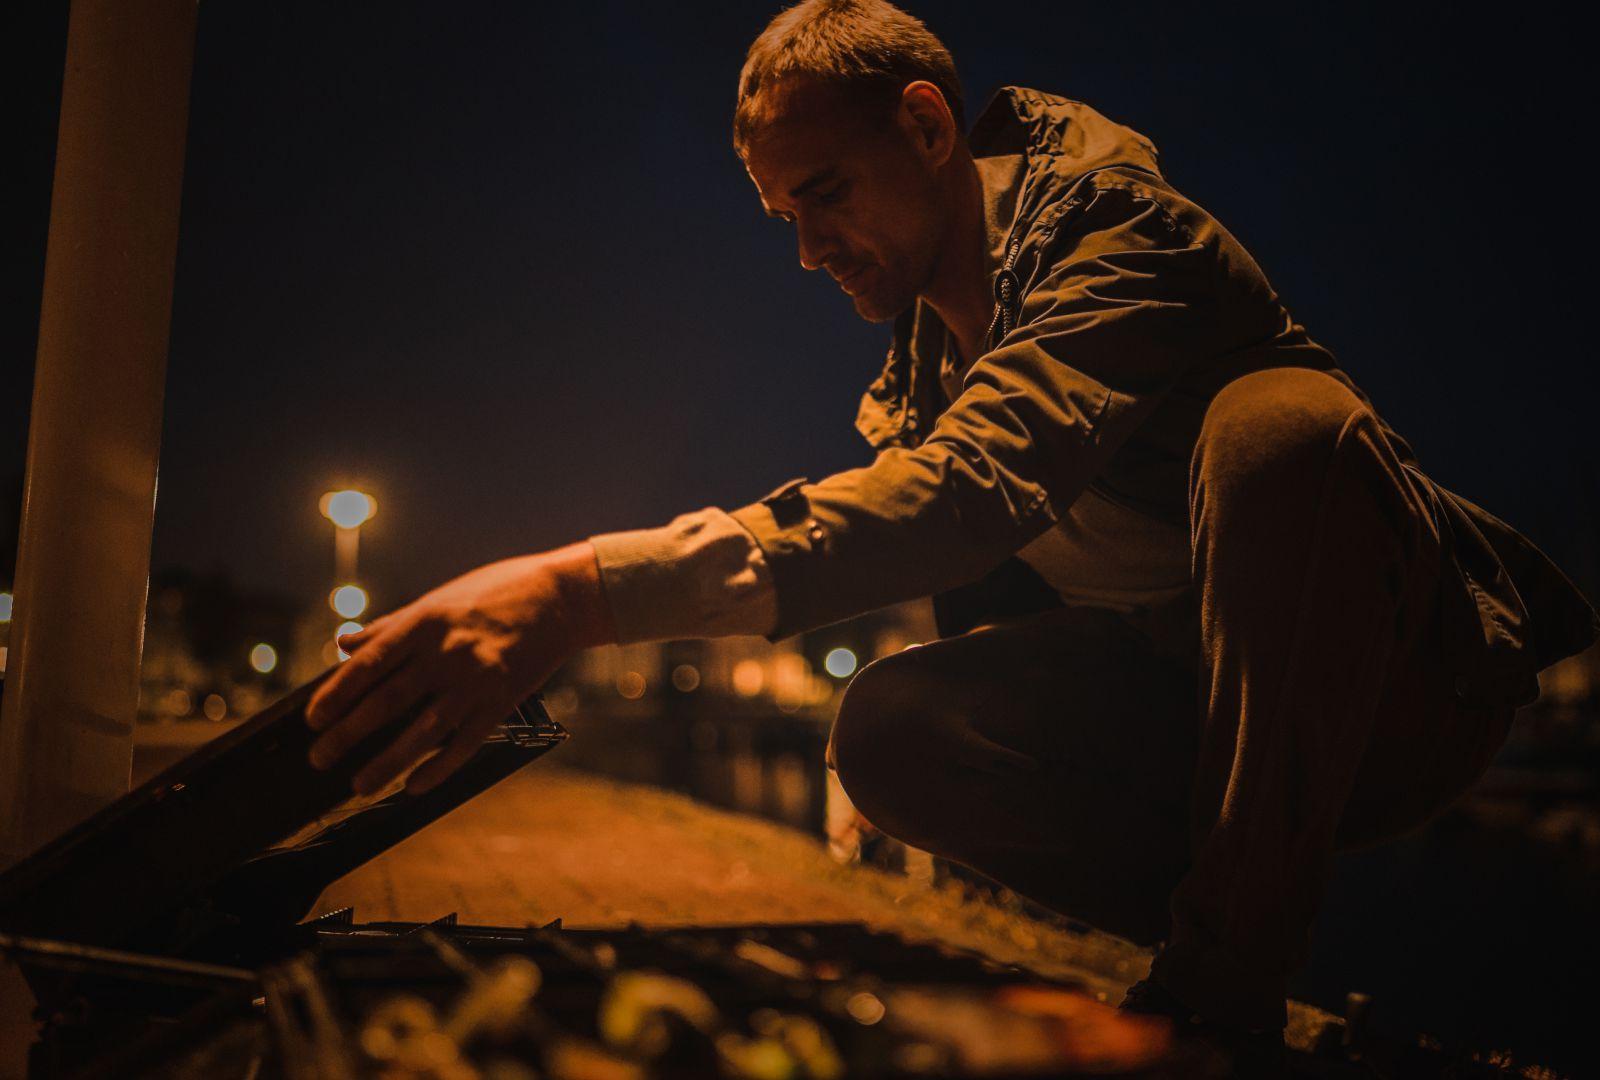 Peter beim Nachtangeln auf Barsch mit Kunstködern